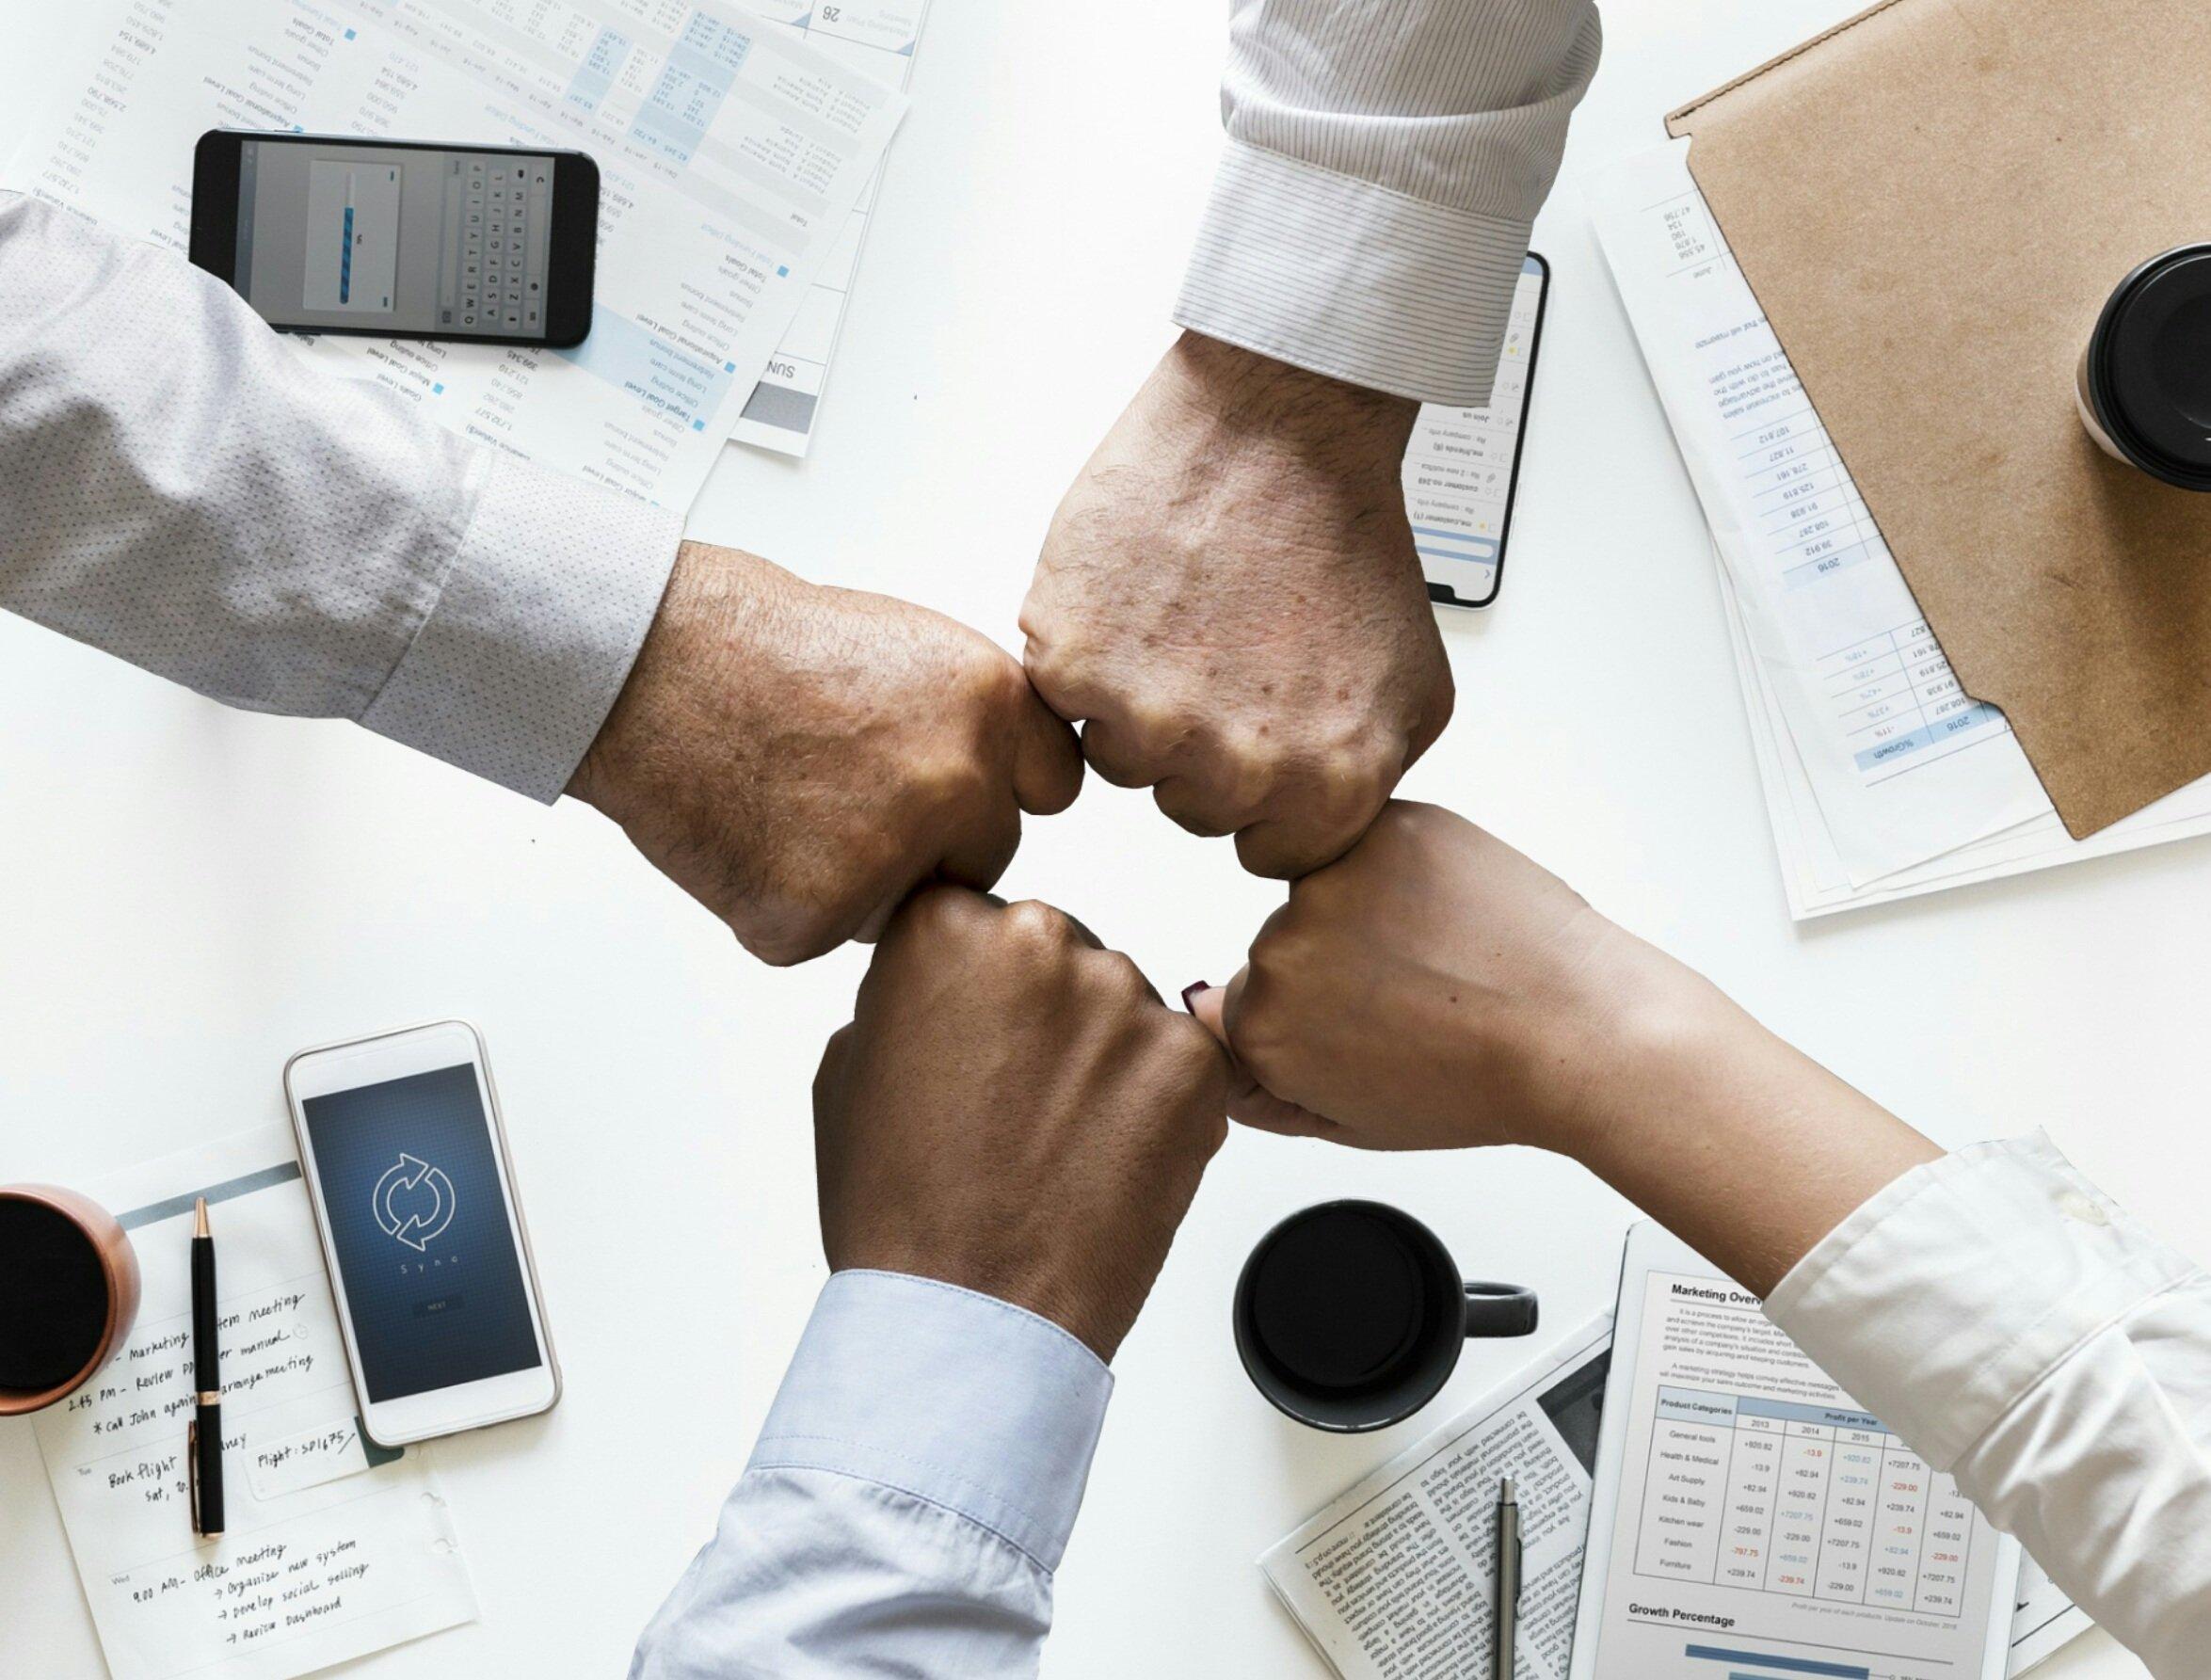 Quatro mãos fechadas em punho se encontram sobre uma mesa com celulares, canecas de café e material de escritório. Fonte: Pixabay License.